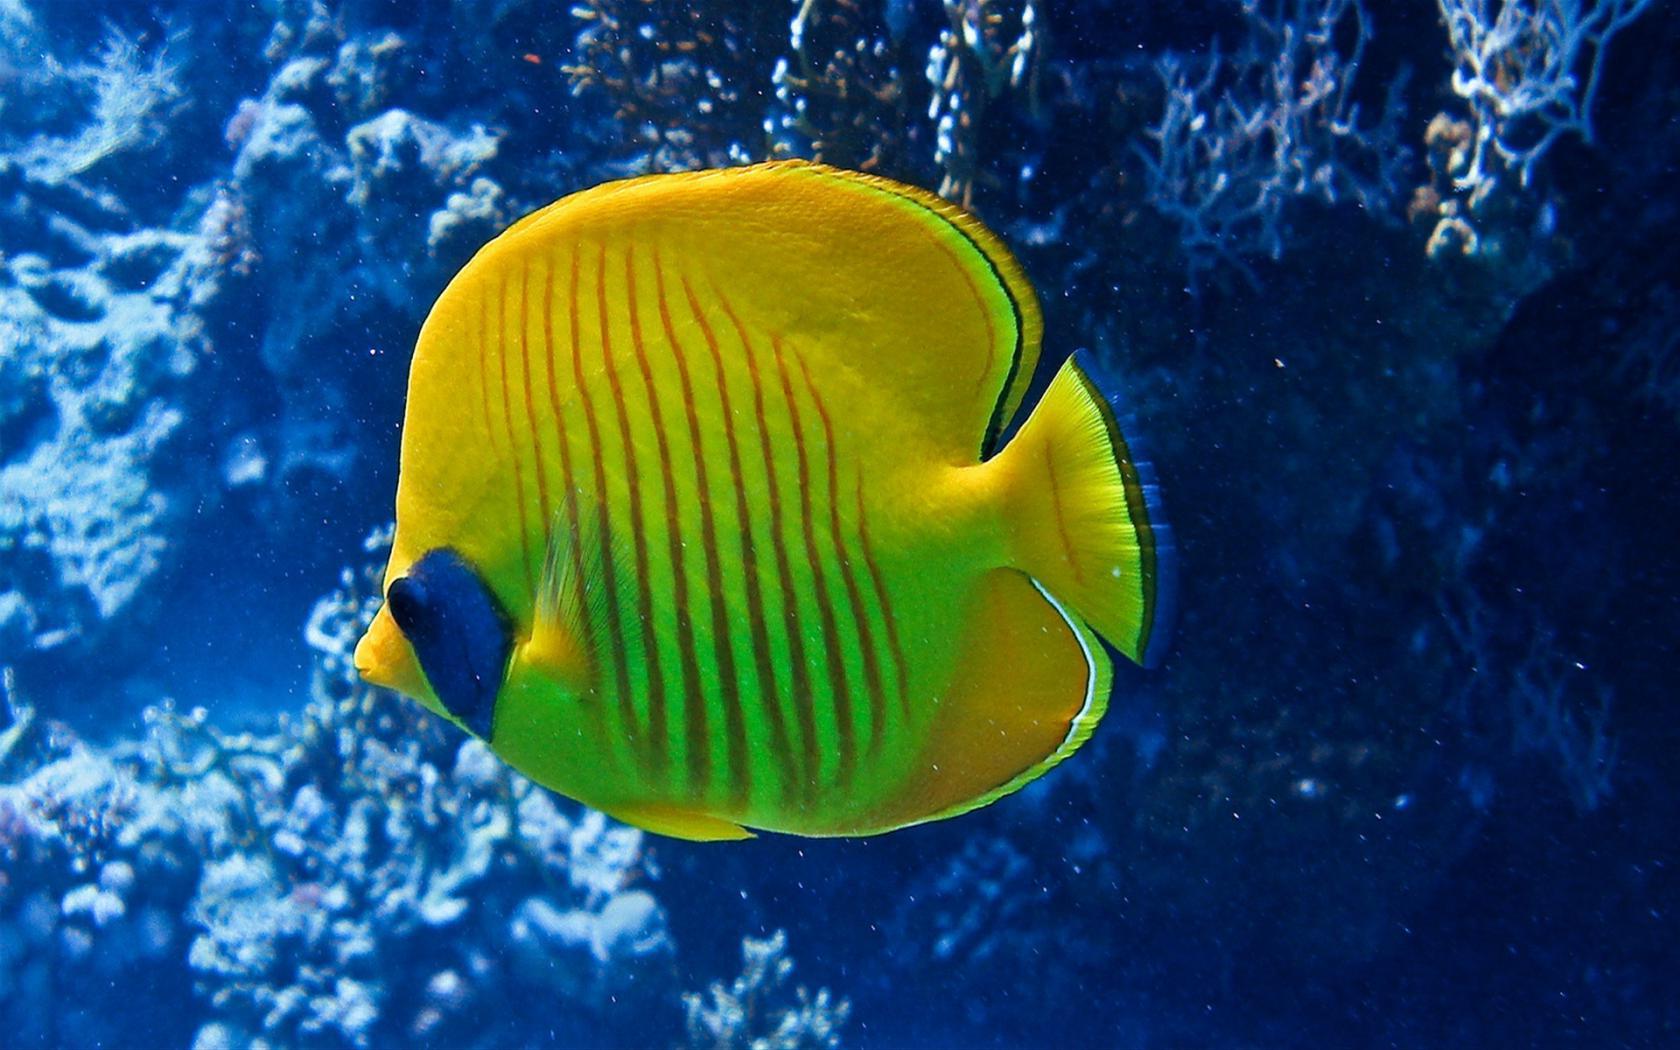 получить красивые картинки как в реальной жизни выглядит океан с рыбами что